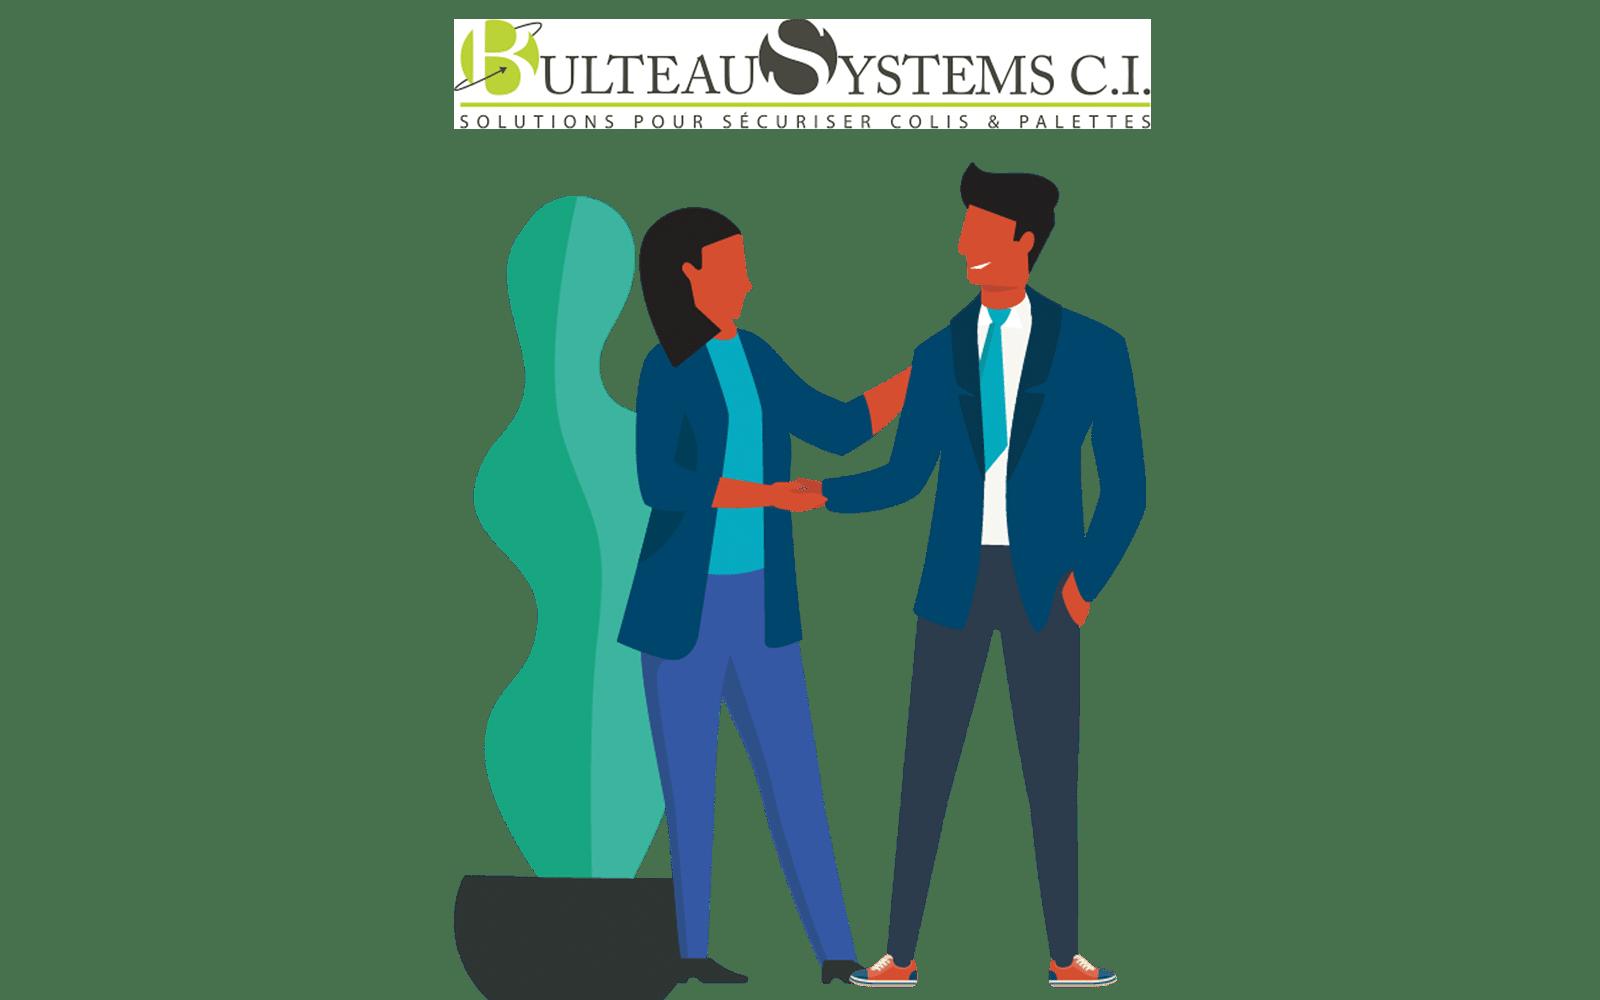 bulteau-systems-sécurise-son-risque-client